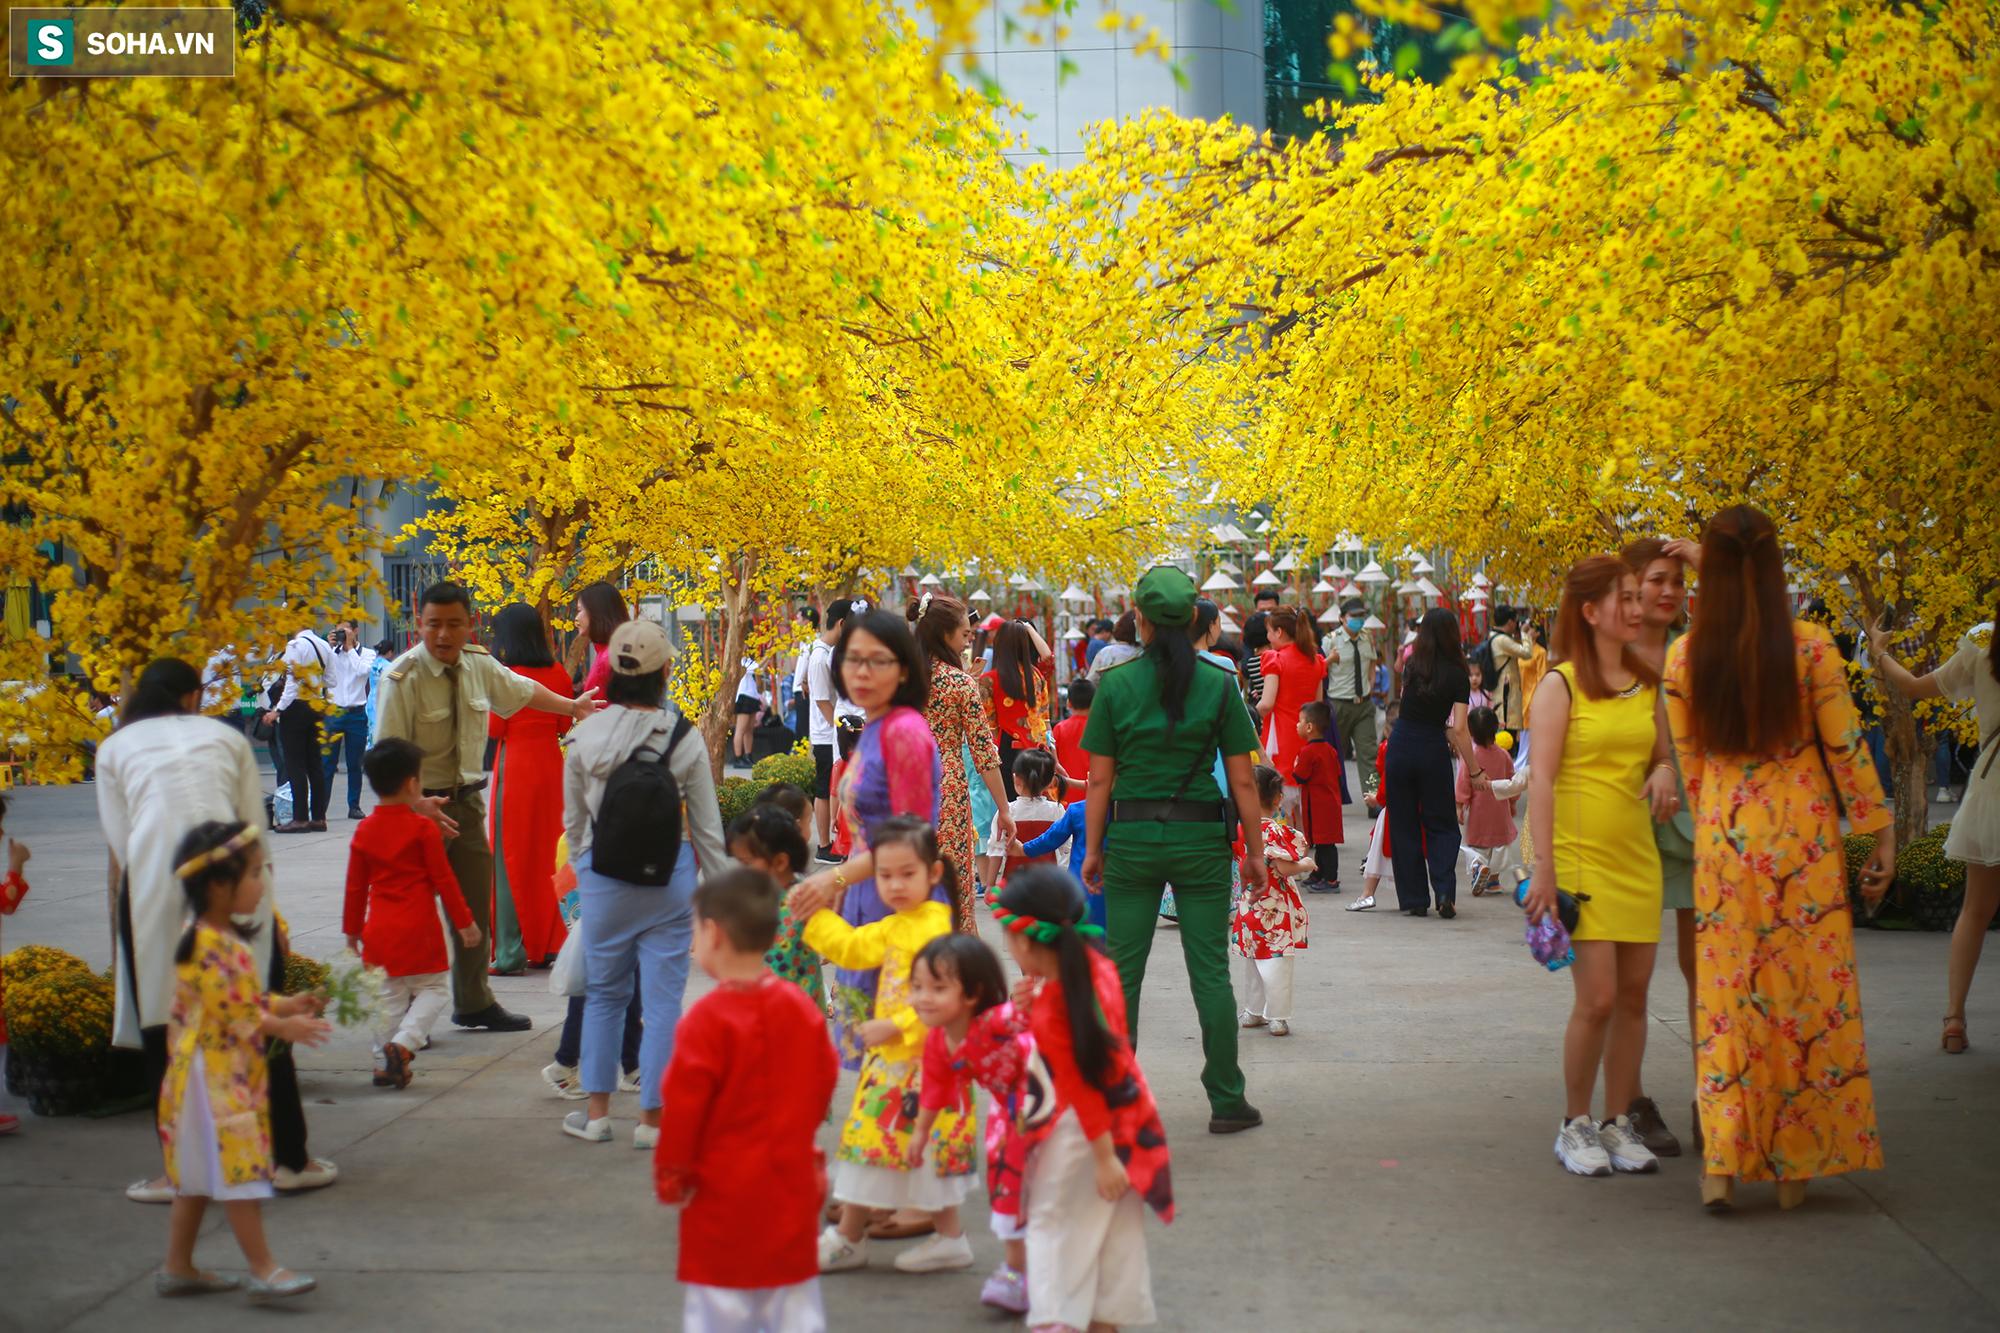 [Ảnh] Thiếu nữ Sài Gòn xinh đẹp xúng xính áo dài check-in sống ảo ở con đường hoa mai - Ảnh 8.